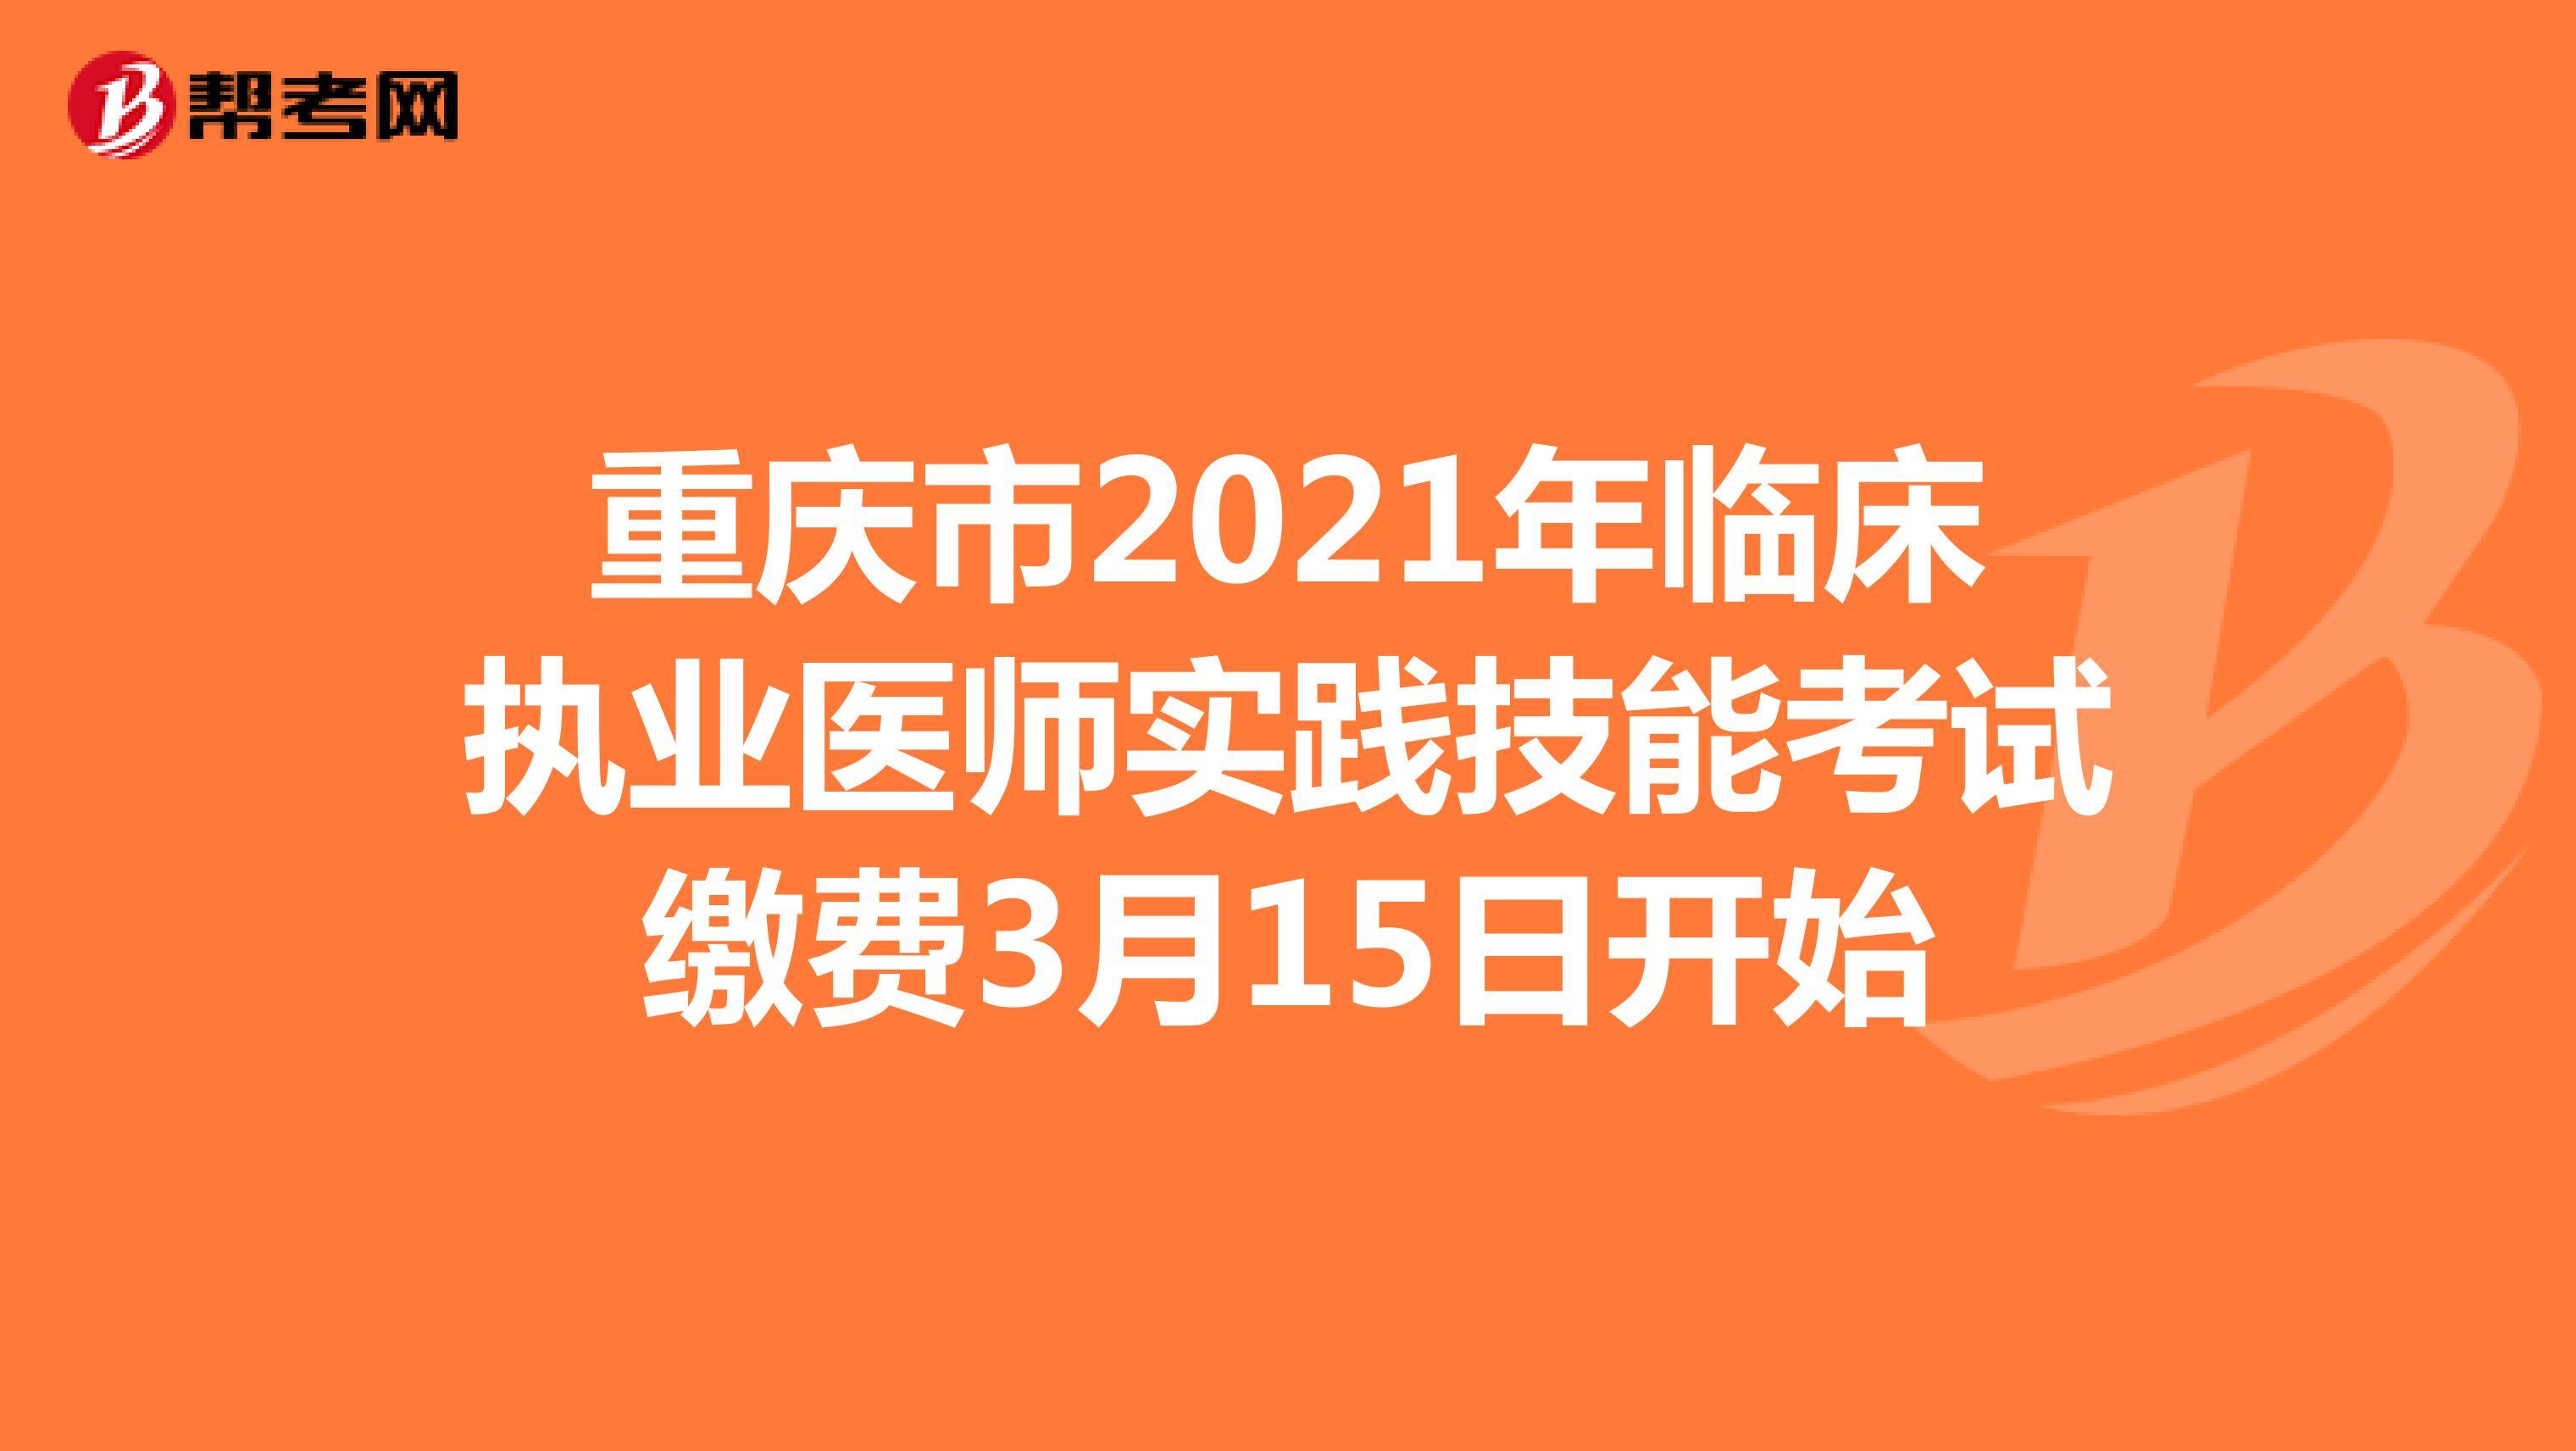 重慶市2021年臨床執業醫師實踐技能考試繳費3月15日開始